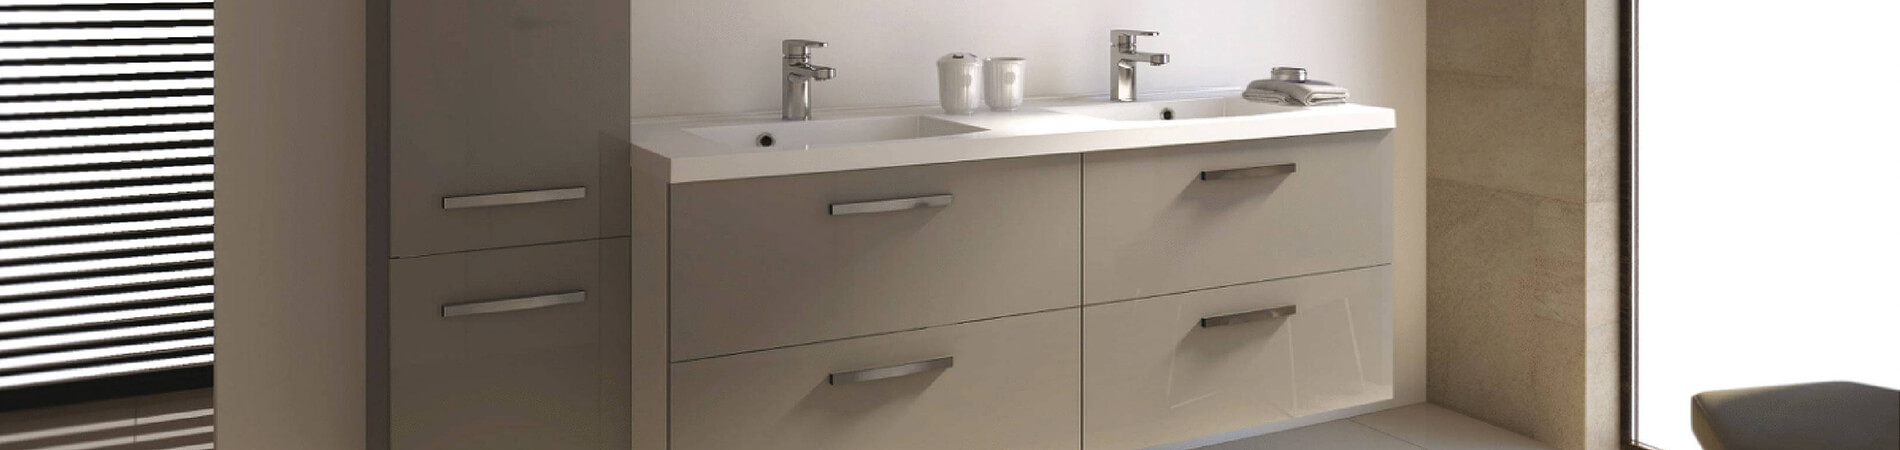 meuble de salle de bain vente agencement installation